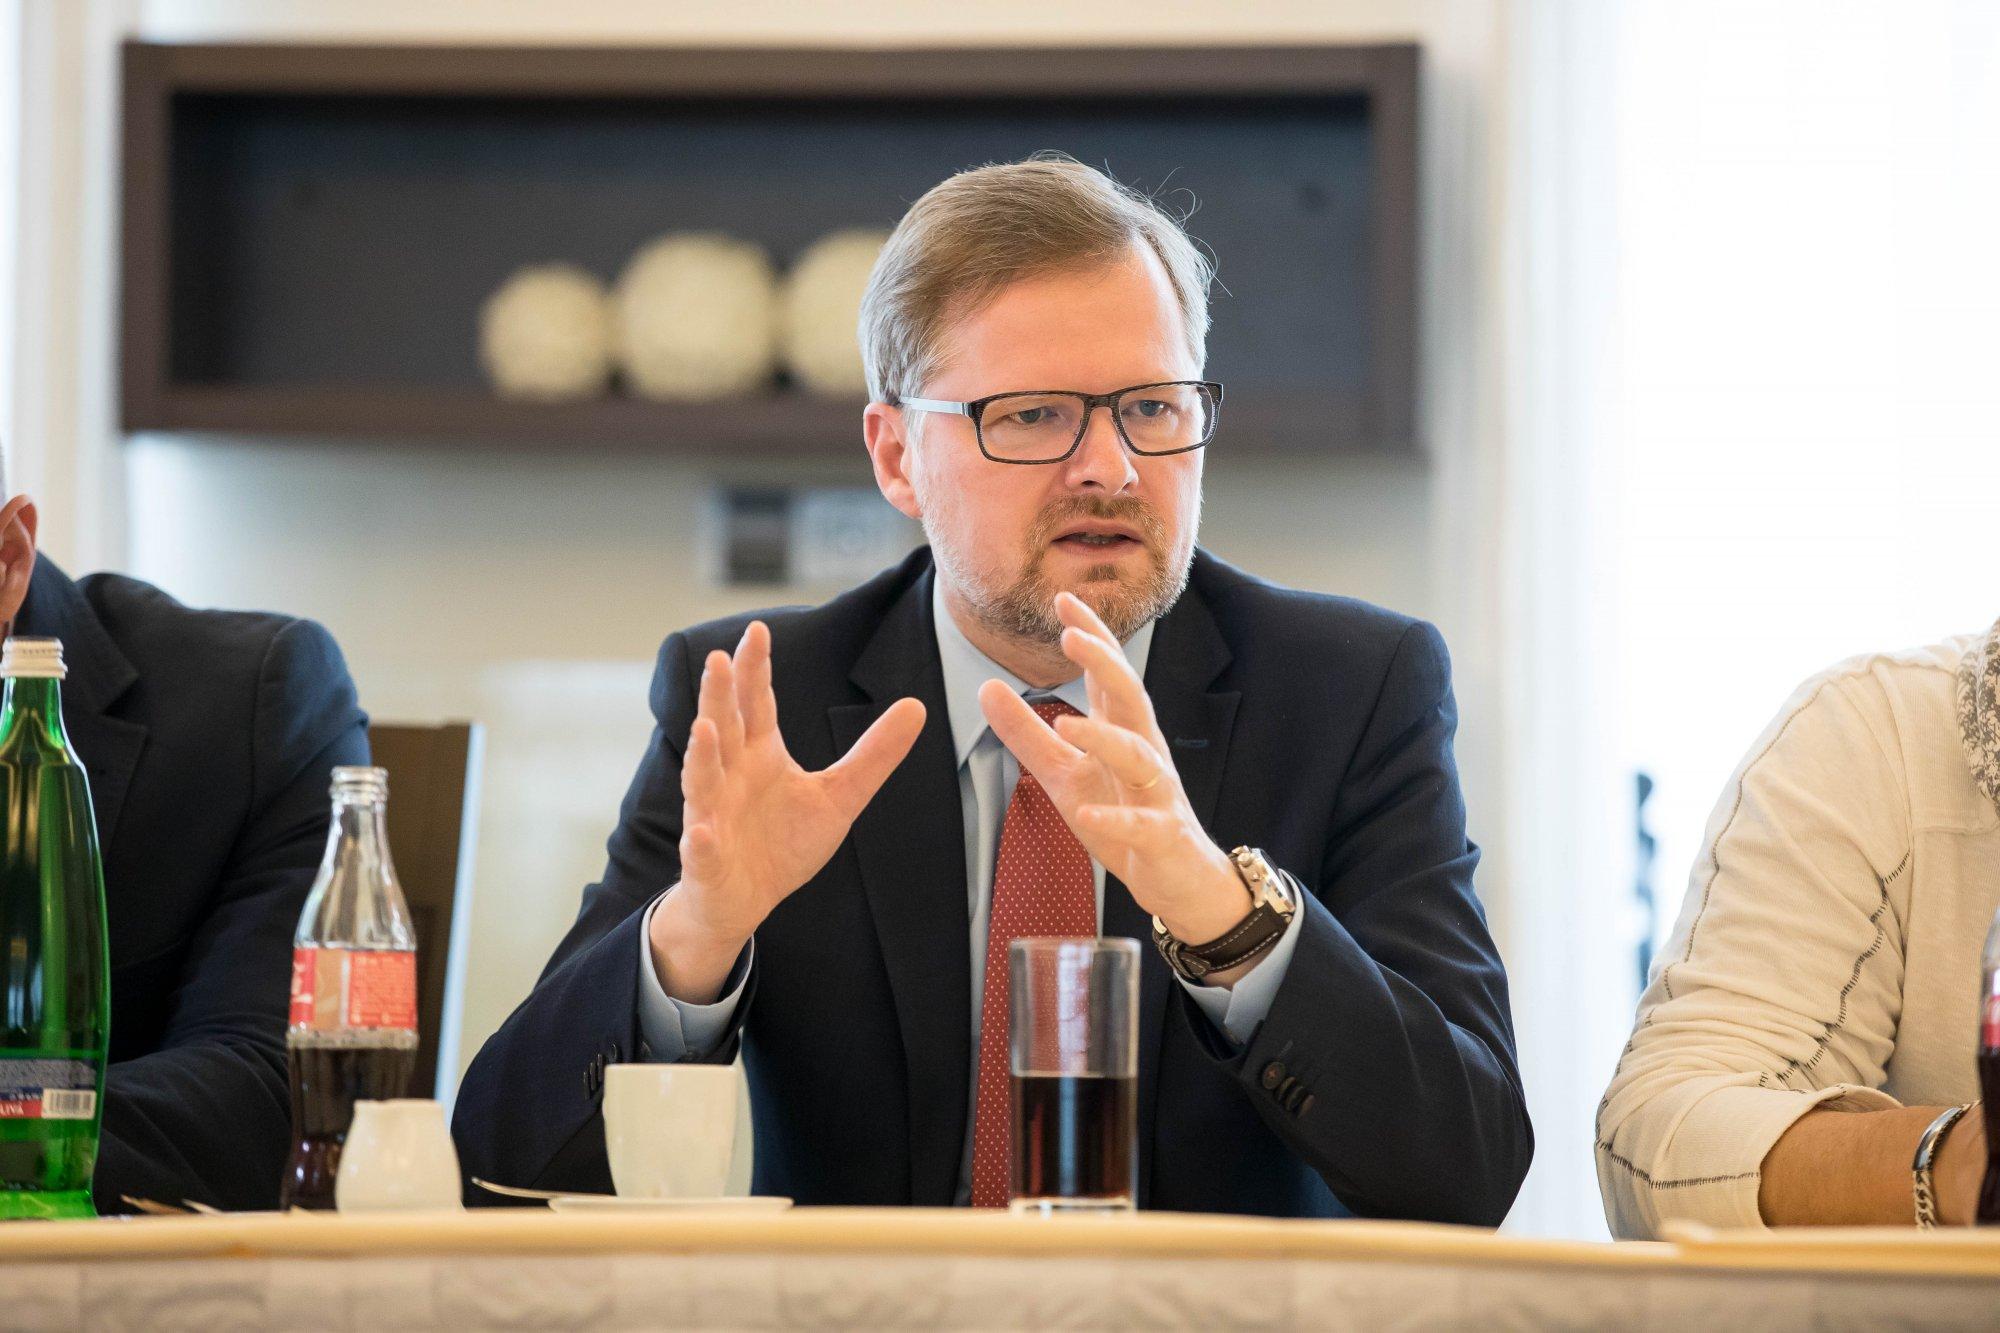 Petr Fiala: Žalobci se nemohou divit, že jim polovina národa v kauze Čapí hnízdo nevěří